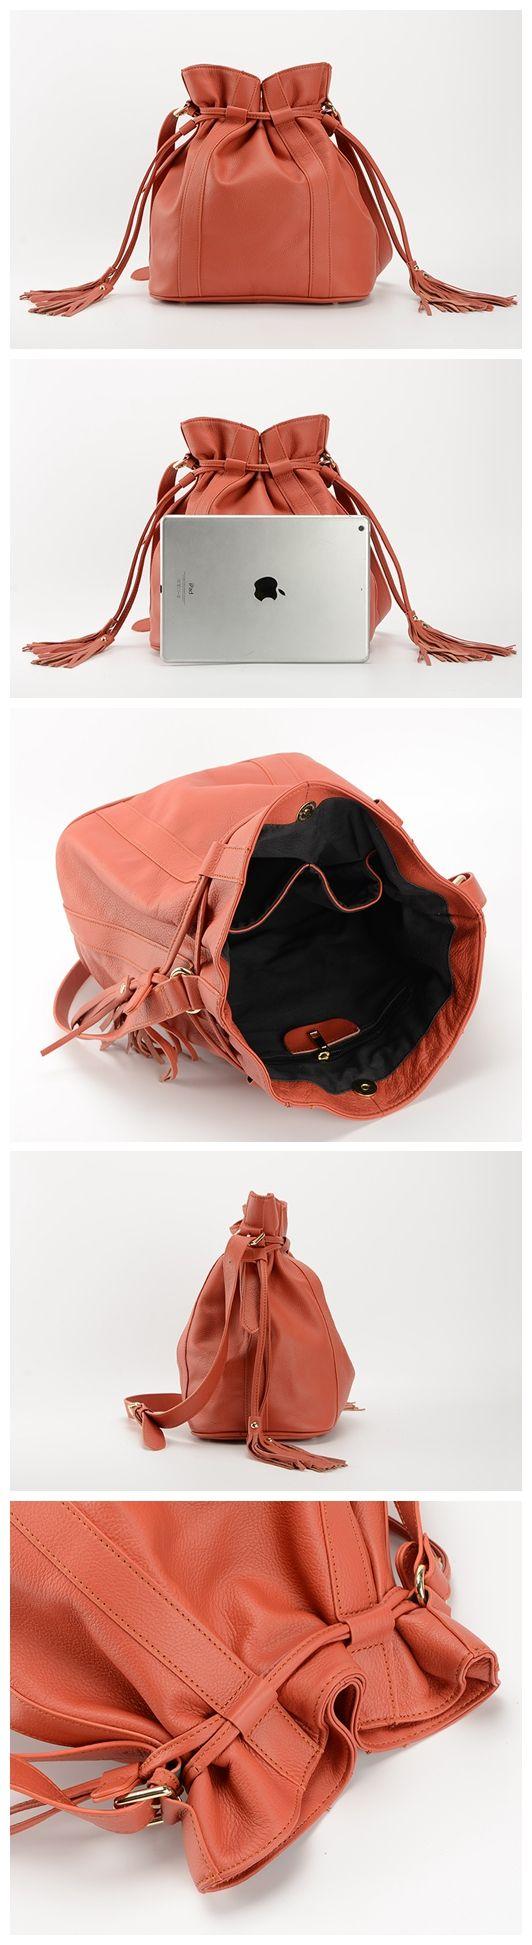 Handmade Leather Shoulder Bag For Women